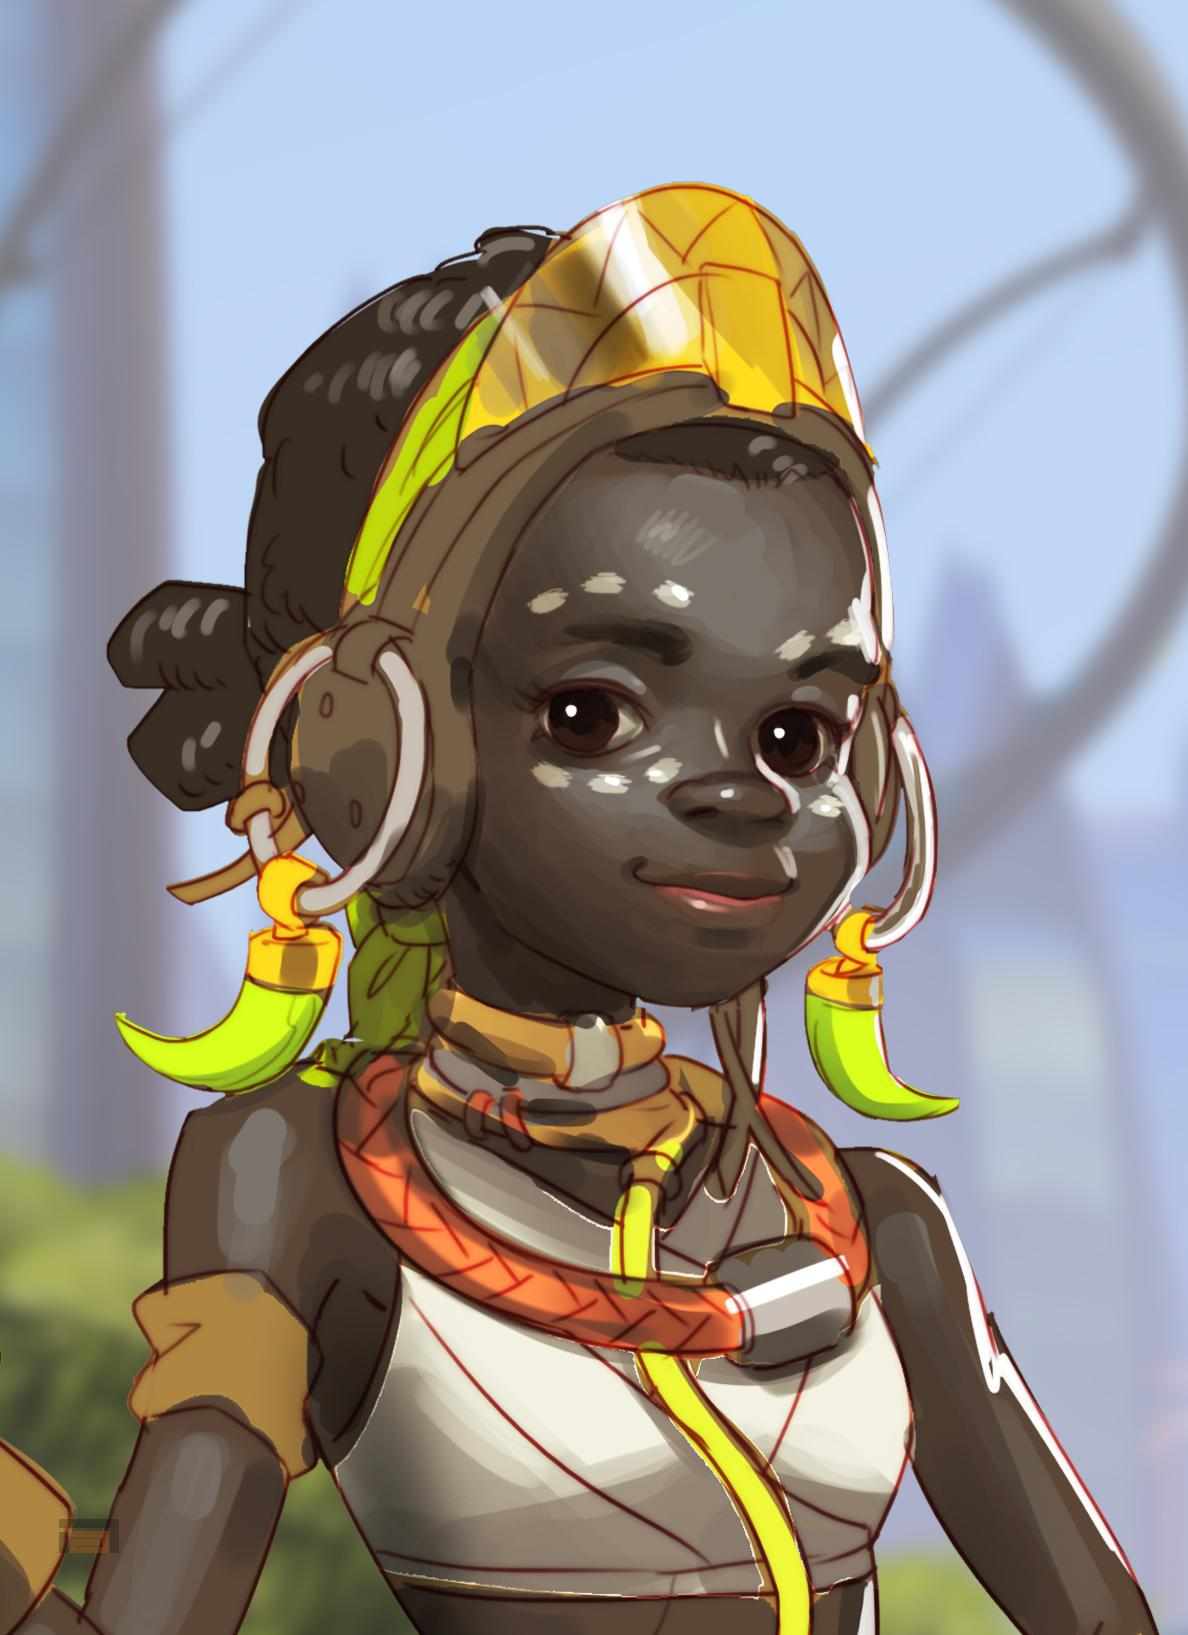 Nuevos detalles del nuevo personaje que llegará a Overwatch. No es Doomfist